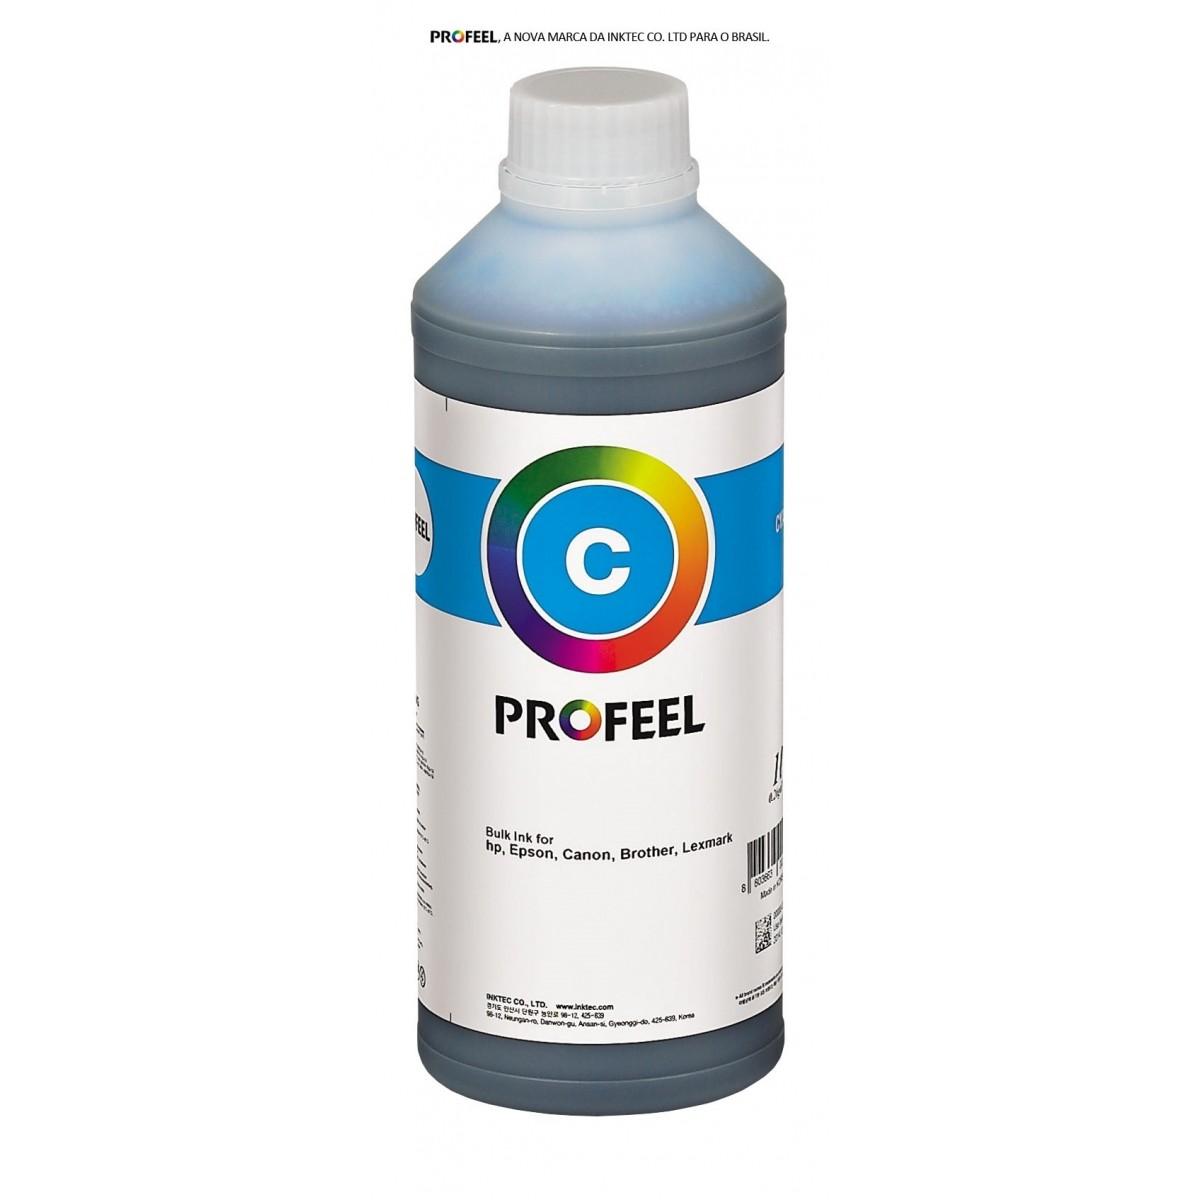 Tinta pigmentada InkTec Profeel modelo H5971-01LC | Frasco de 1 litro | Cor : Ciano